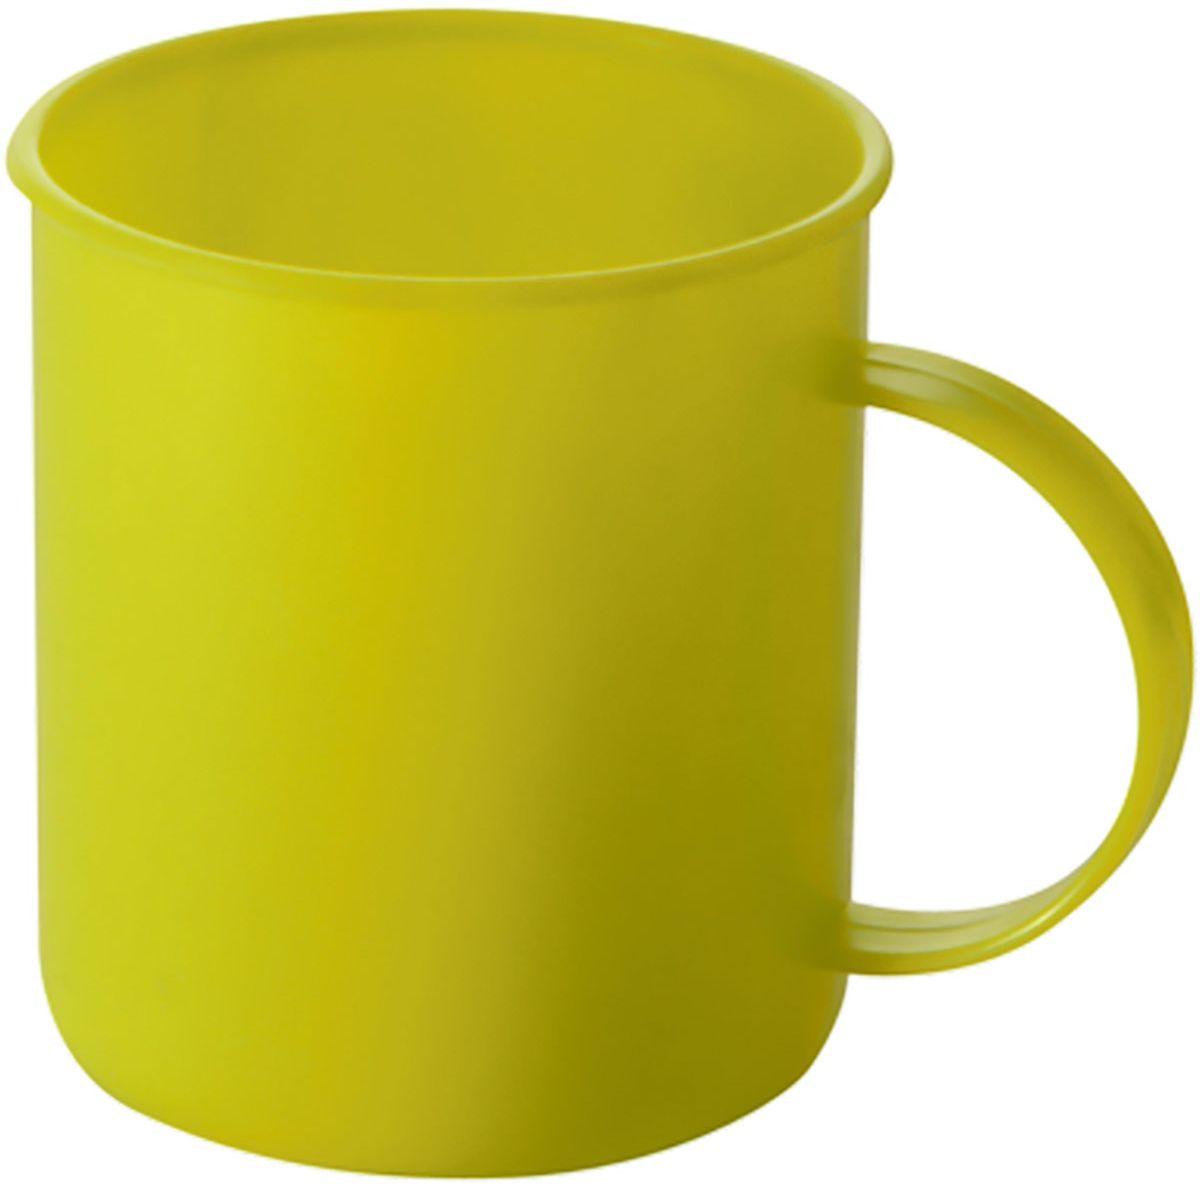 Кружка Plastic Centre Счастье, цвет: желтый, 300 млПЦ1431ЛМНКружка Plastic Centre Счастье прекрасно подойдет для дачи, пикника или поездки в поезде. Легкую кружку удобно взять с собой на природу. Прочный пластик подходит для многократного использования.Объем кружки: 300 мл.Размер кружки: 10,5 x 7,8 см.